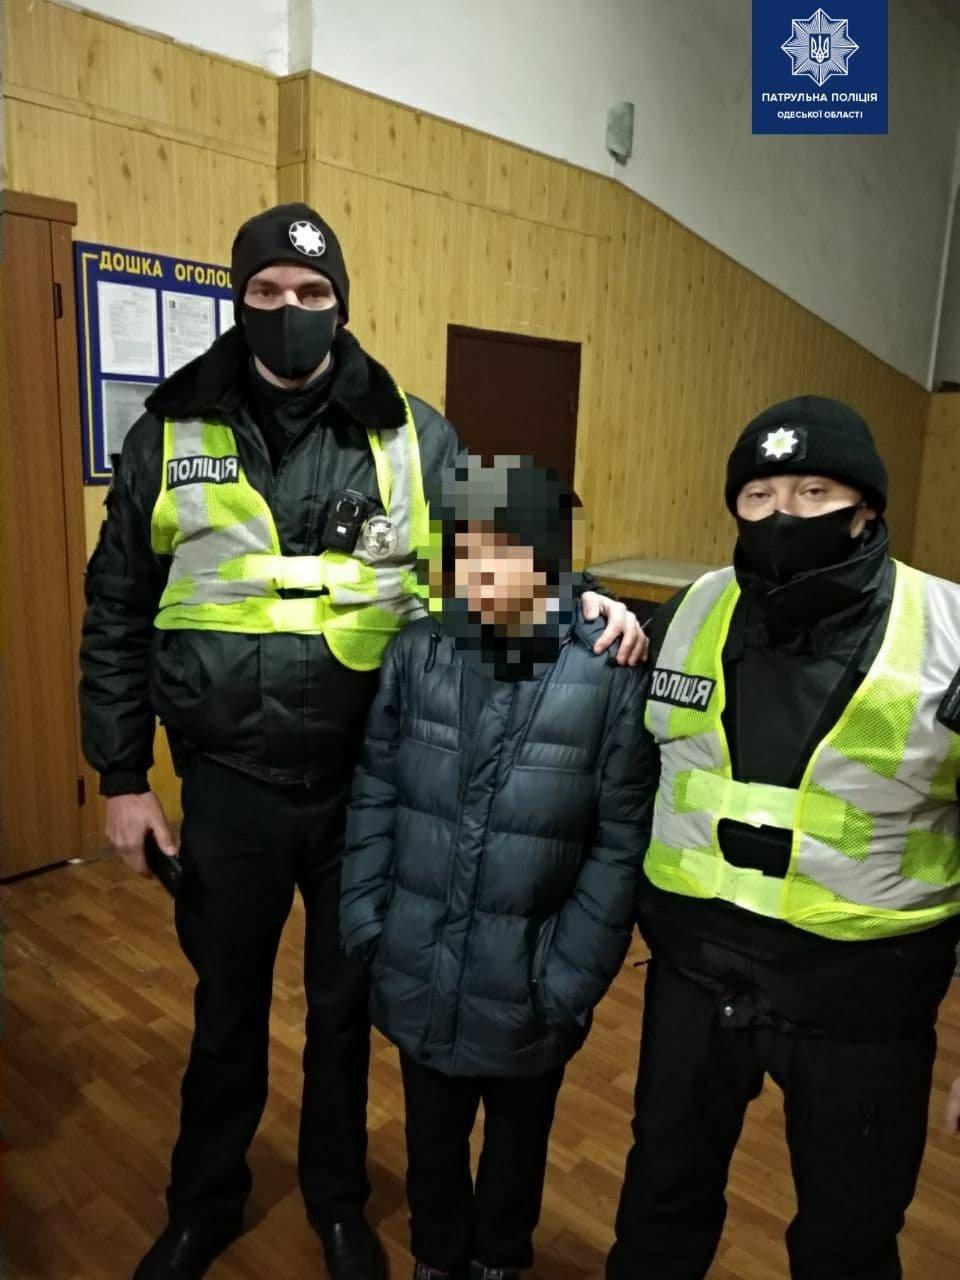 В Одессе разыскали сбежавшего из-за конфликта с родителями 12-летнего мальчика, - ФОТО, фото-1